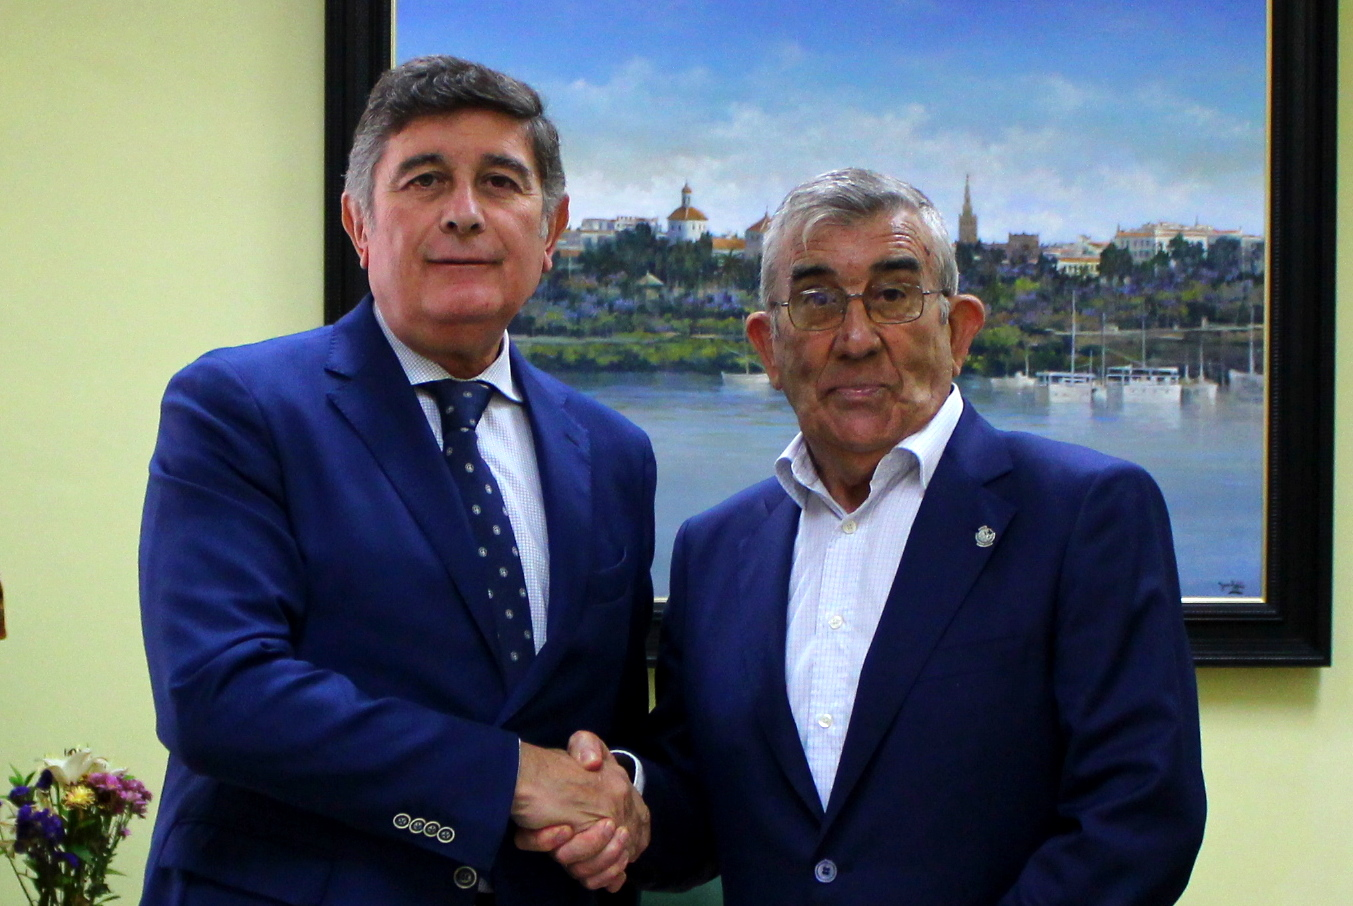 El Colegio de Farmacéuticos de Sevilla se une al Proyecto Boticarios para fomentar la participación del farmacéutico en acciones de cooperación y ayuda humanitaria en el ámbito de la farmacia